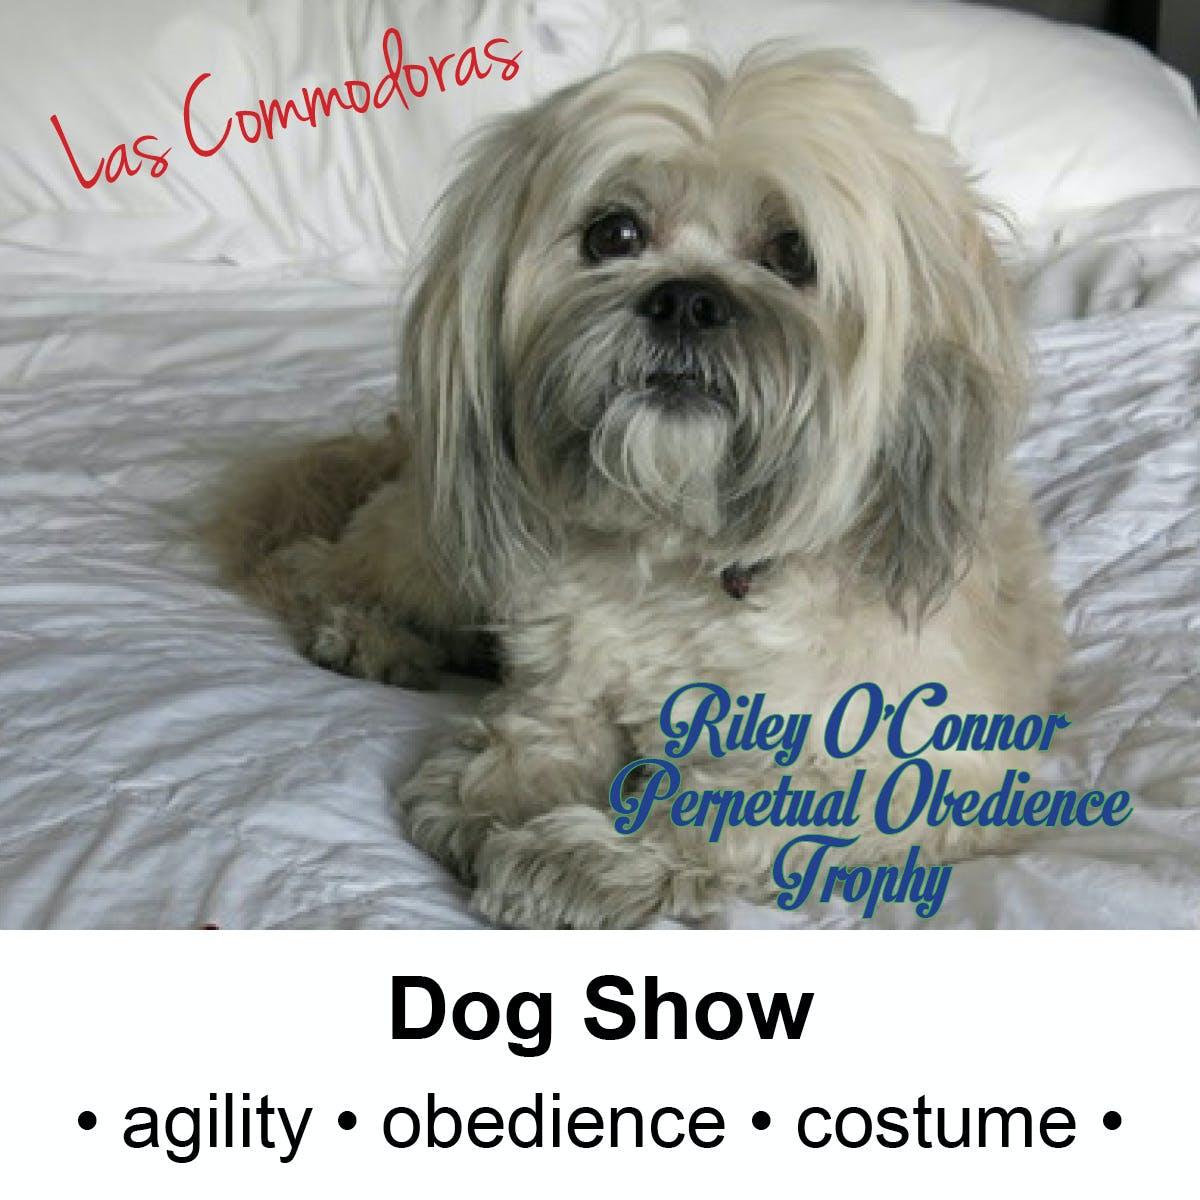 Las Commodoras Dog Show